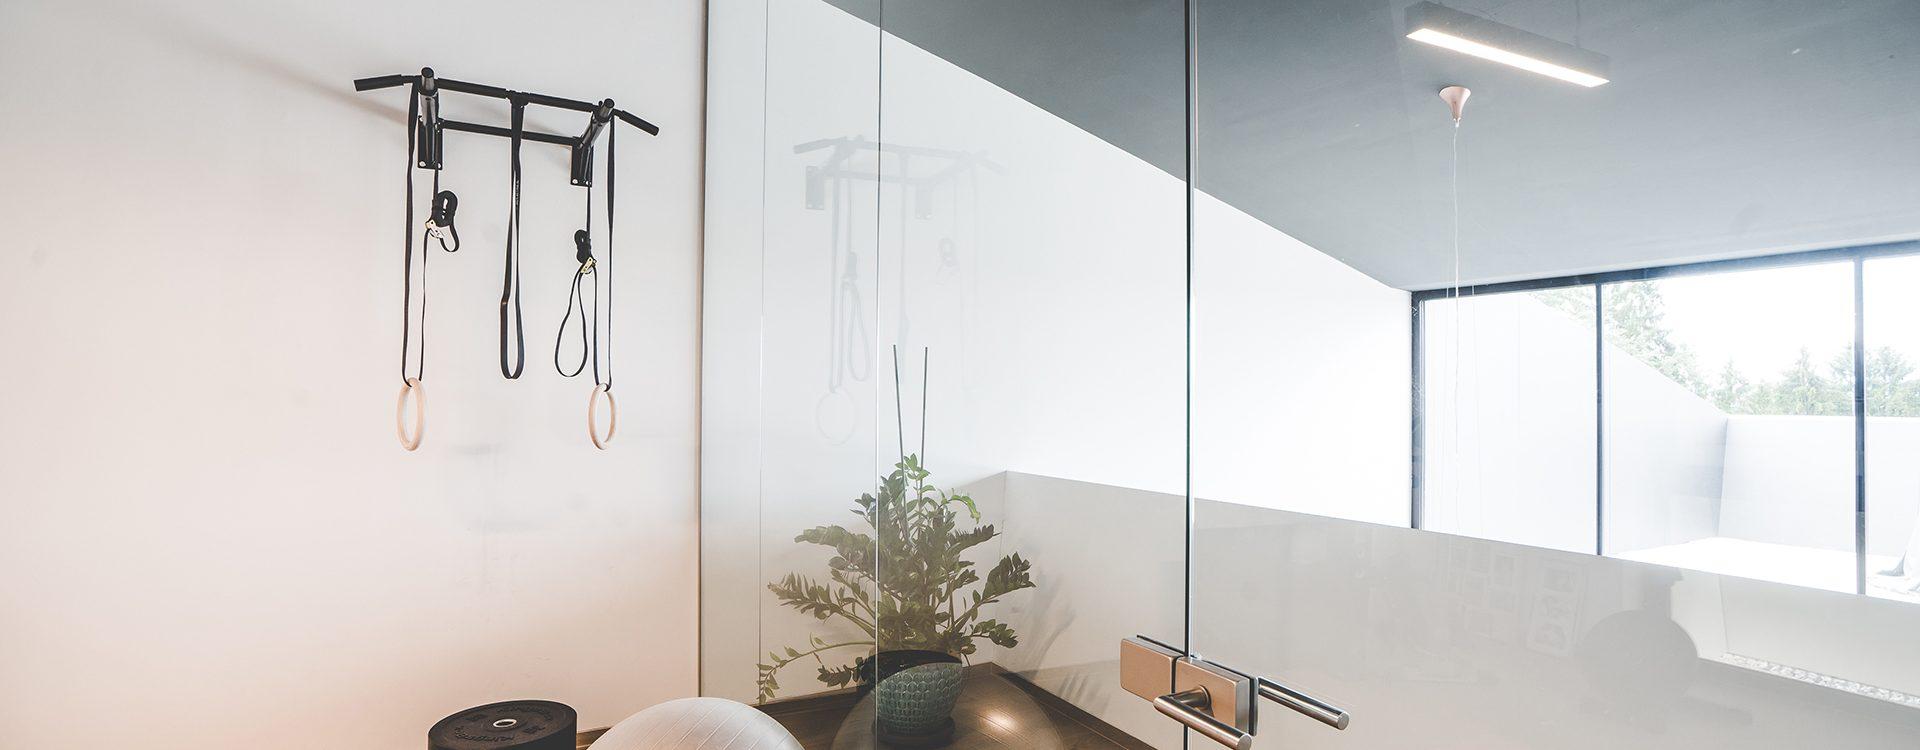 Glastüren Türen aus Glas Drehtüren Glasdrehtüren